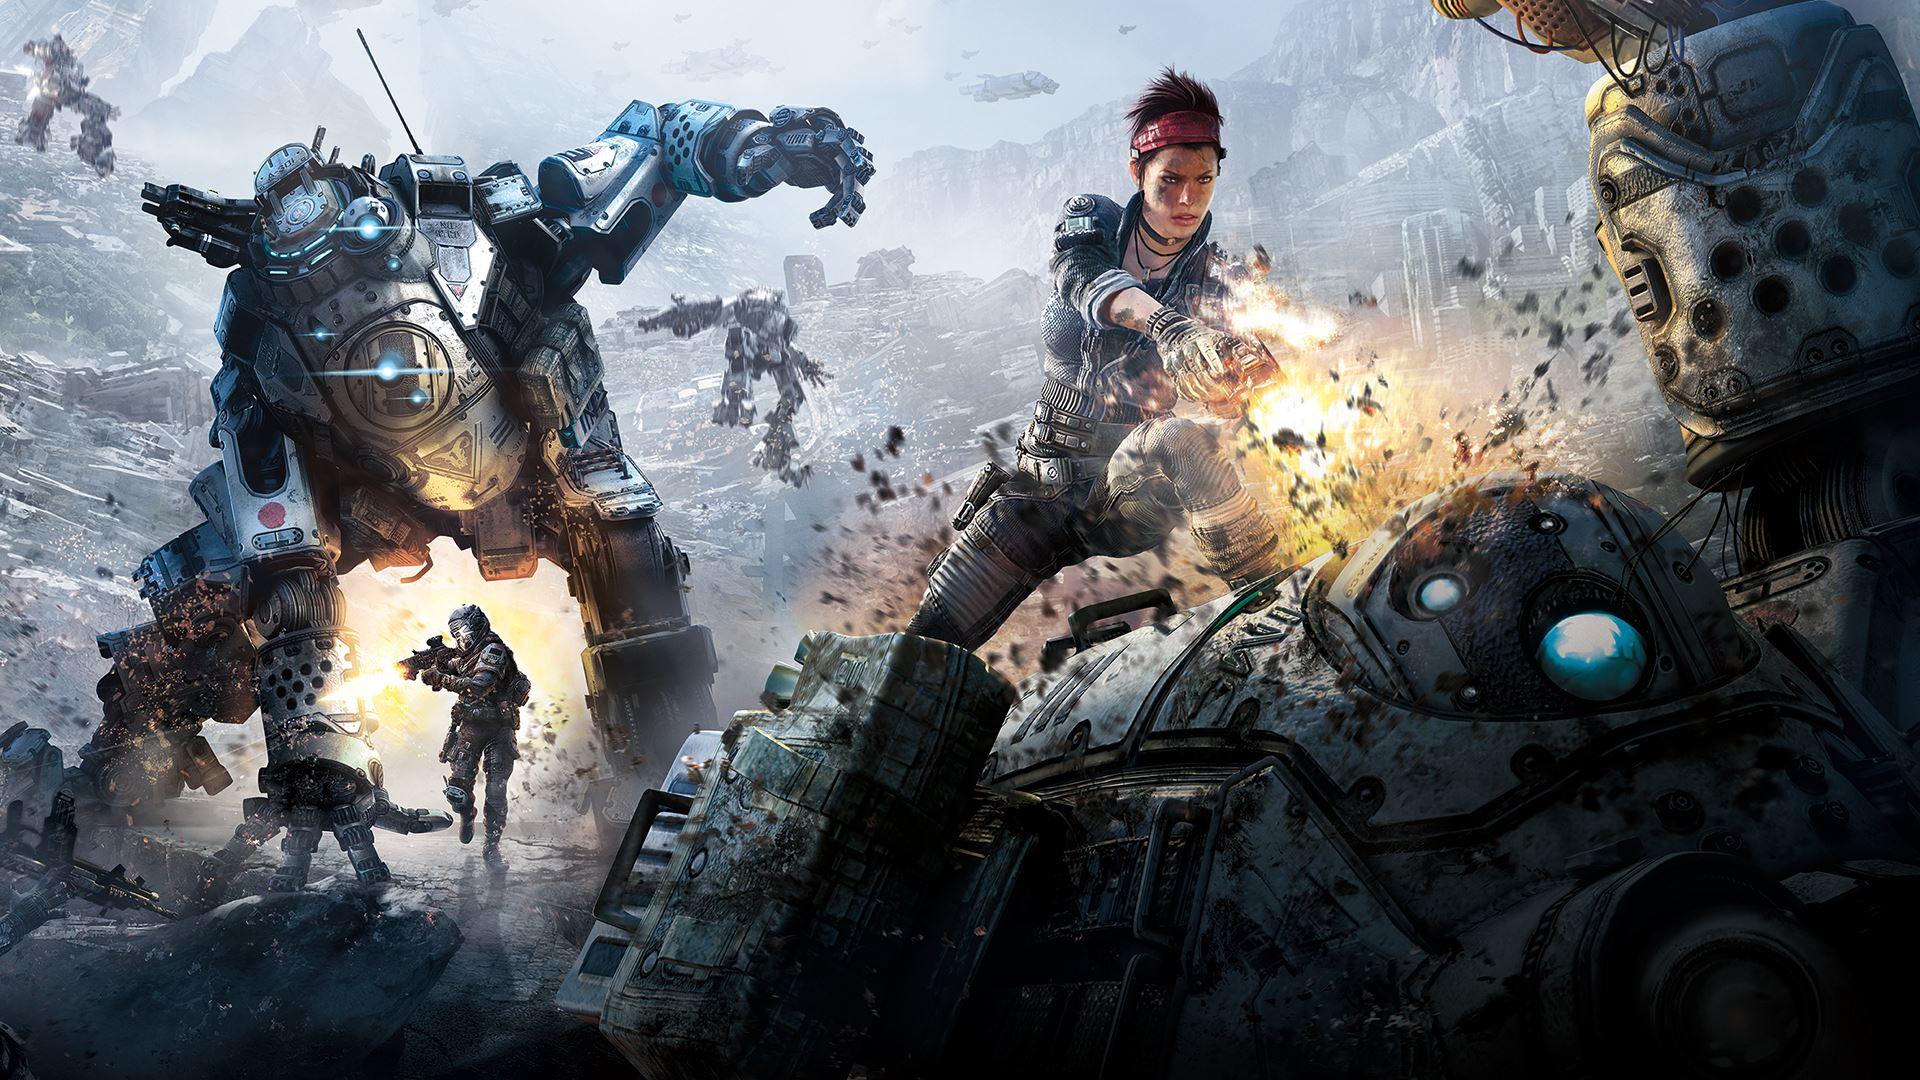 Stra Wars Battlefront 2 arriverà nel 2017